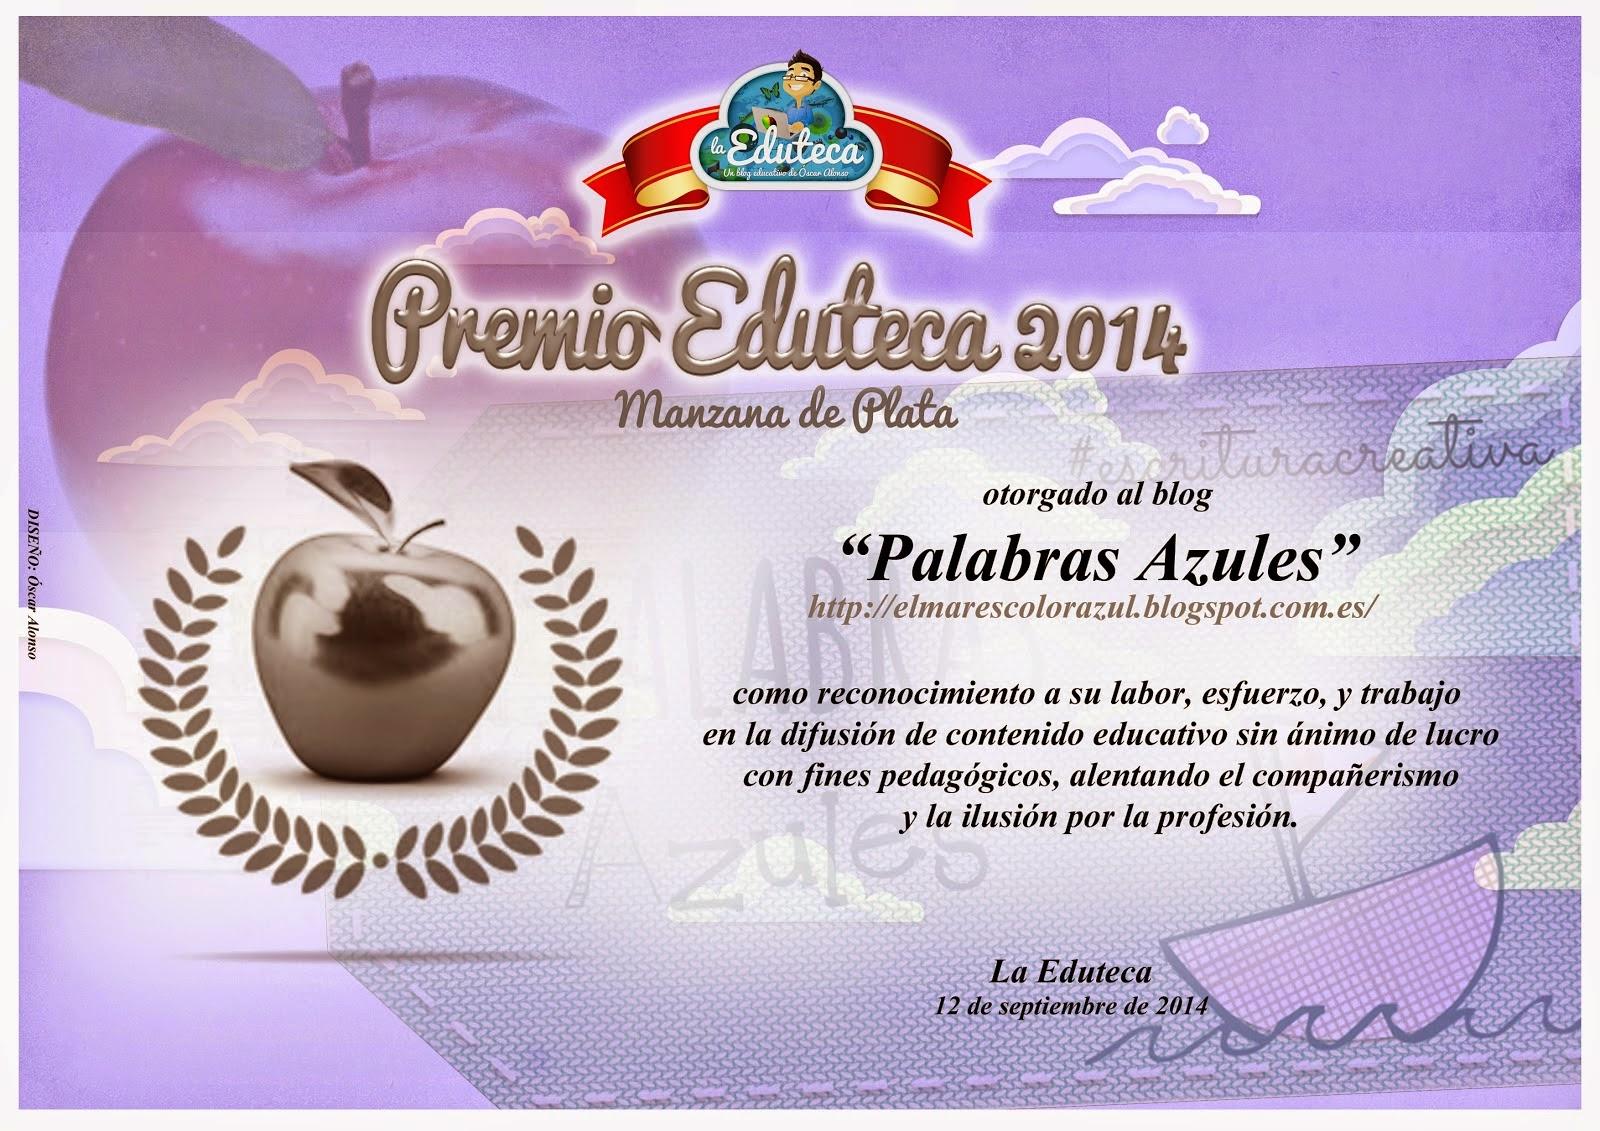 PREMIO  EDUTECA 2014